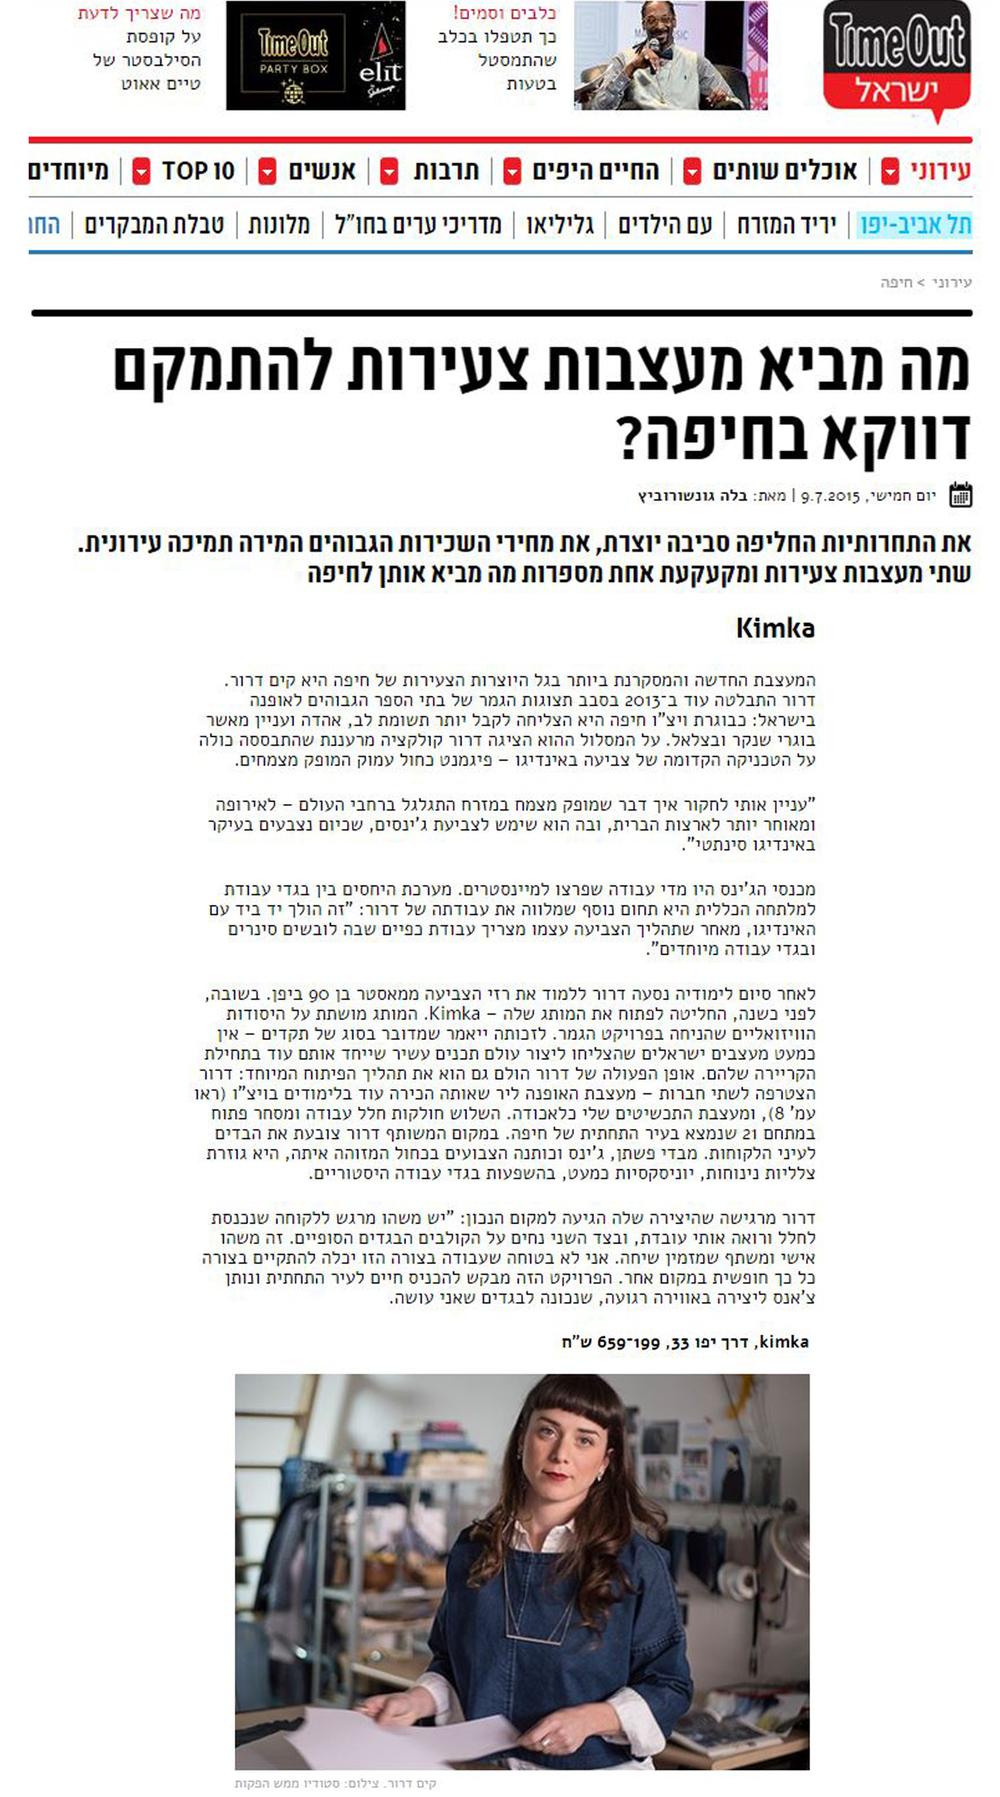 מה מביא מעצבות צעירות להתמקם דווקא בחיפה?, טיים אאוט תל אביב, 09.07.2015